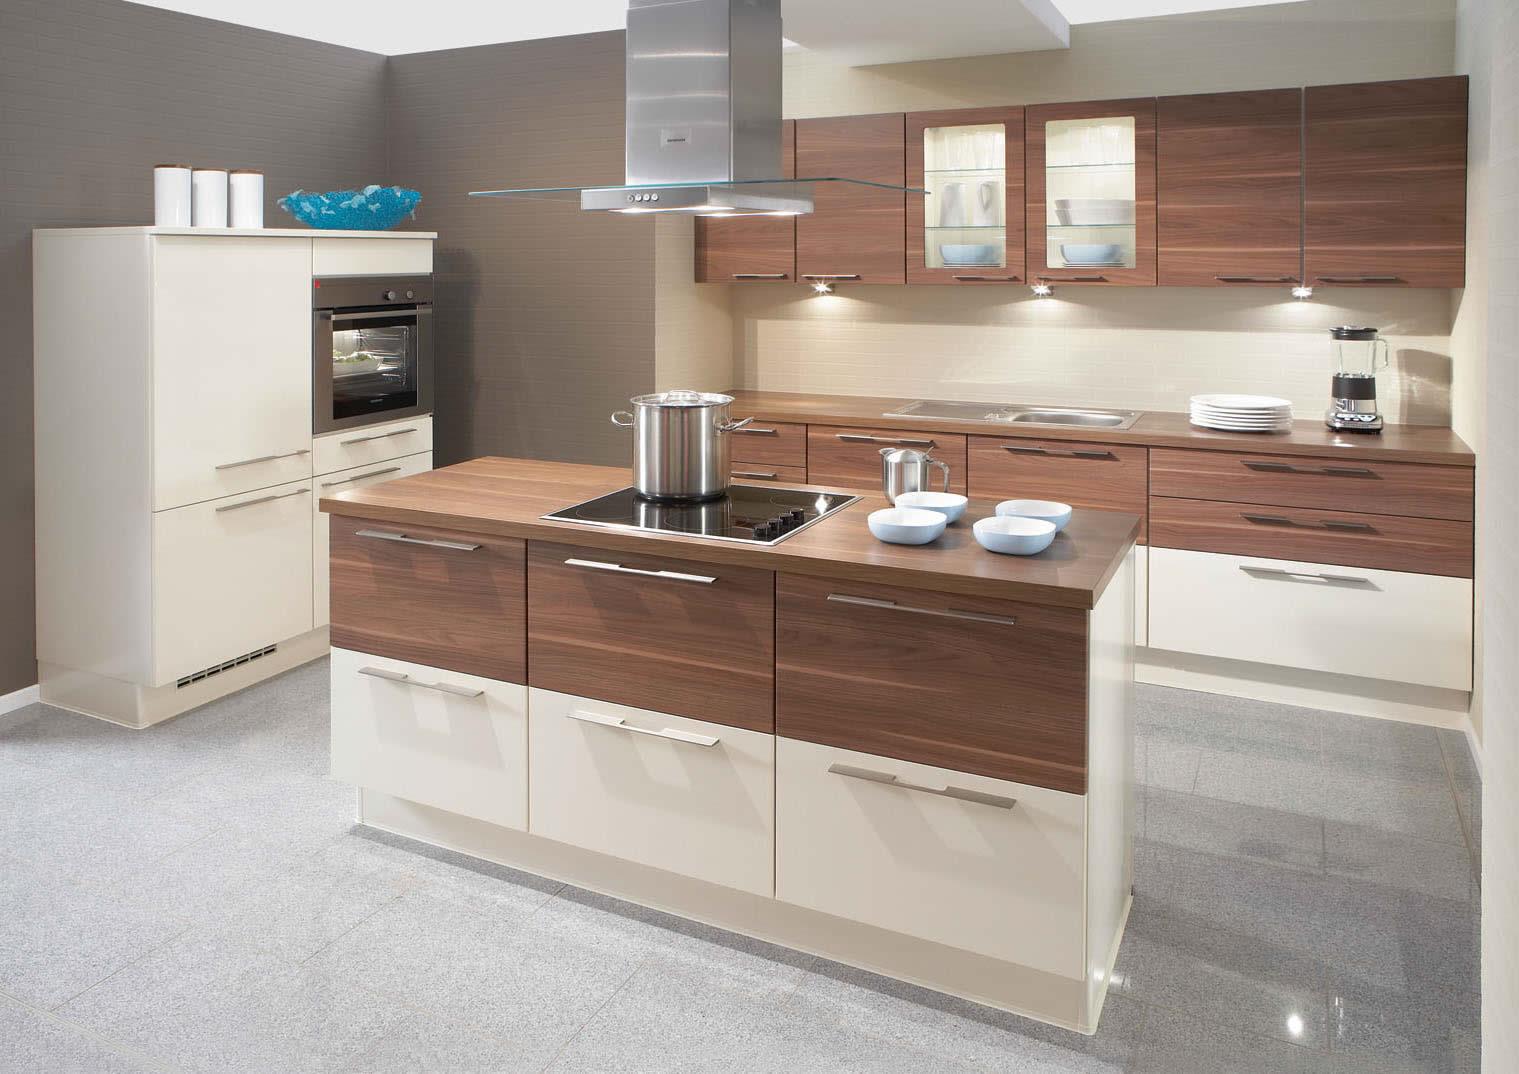 Minimalist Modern Design Kitchen Small But Beautiful